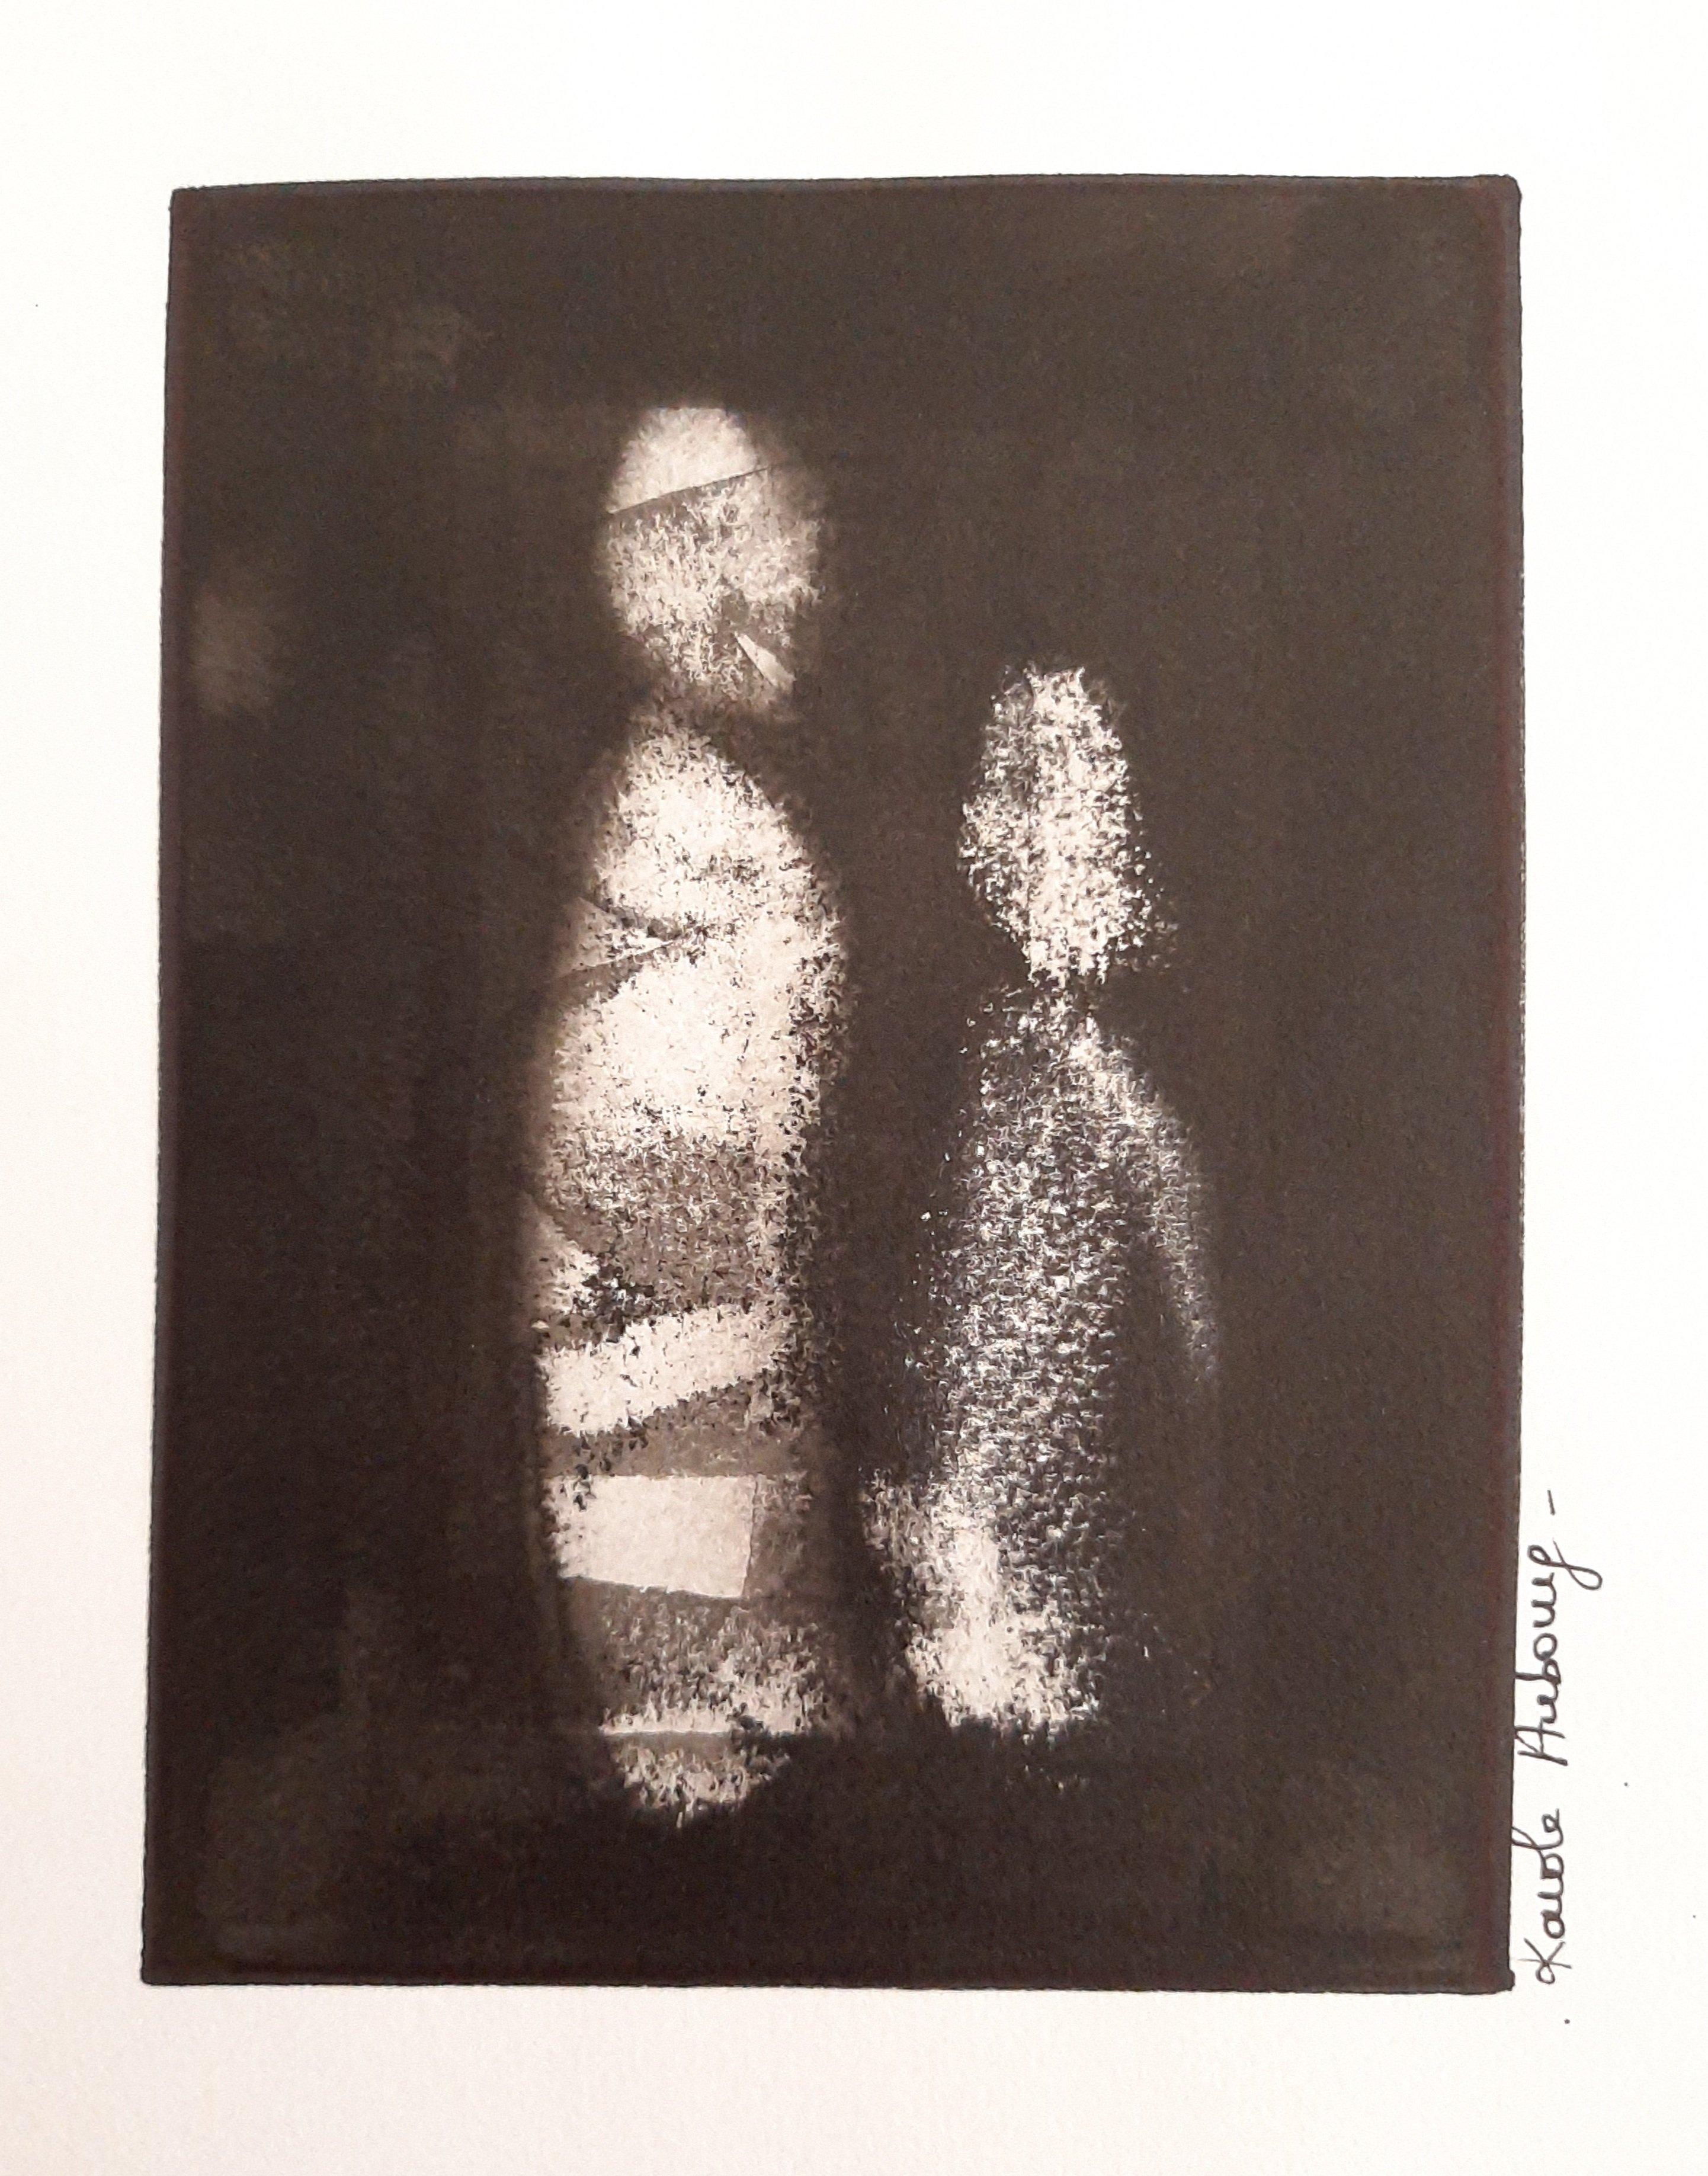 Encre de Chine sur papier Numero 4 Karole Aubourg Dim 30 x 21 cm